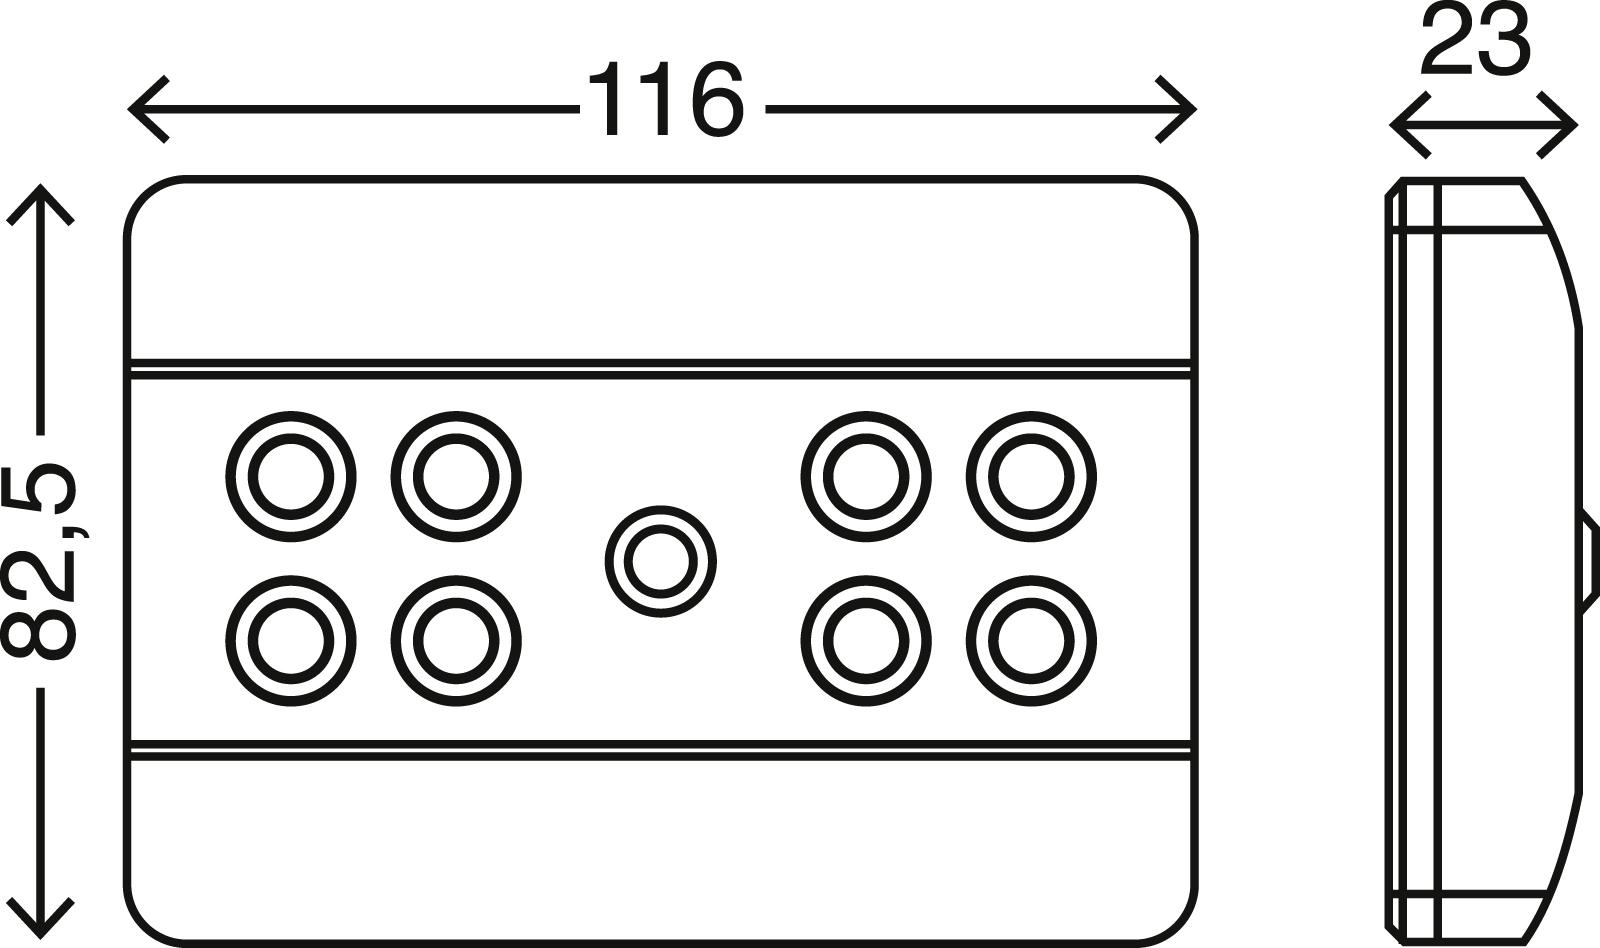 LED Unterbauleuchte, 11,6 cm, 0,64 W, Silber